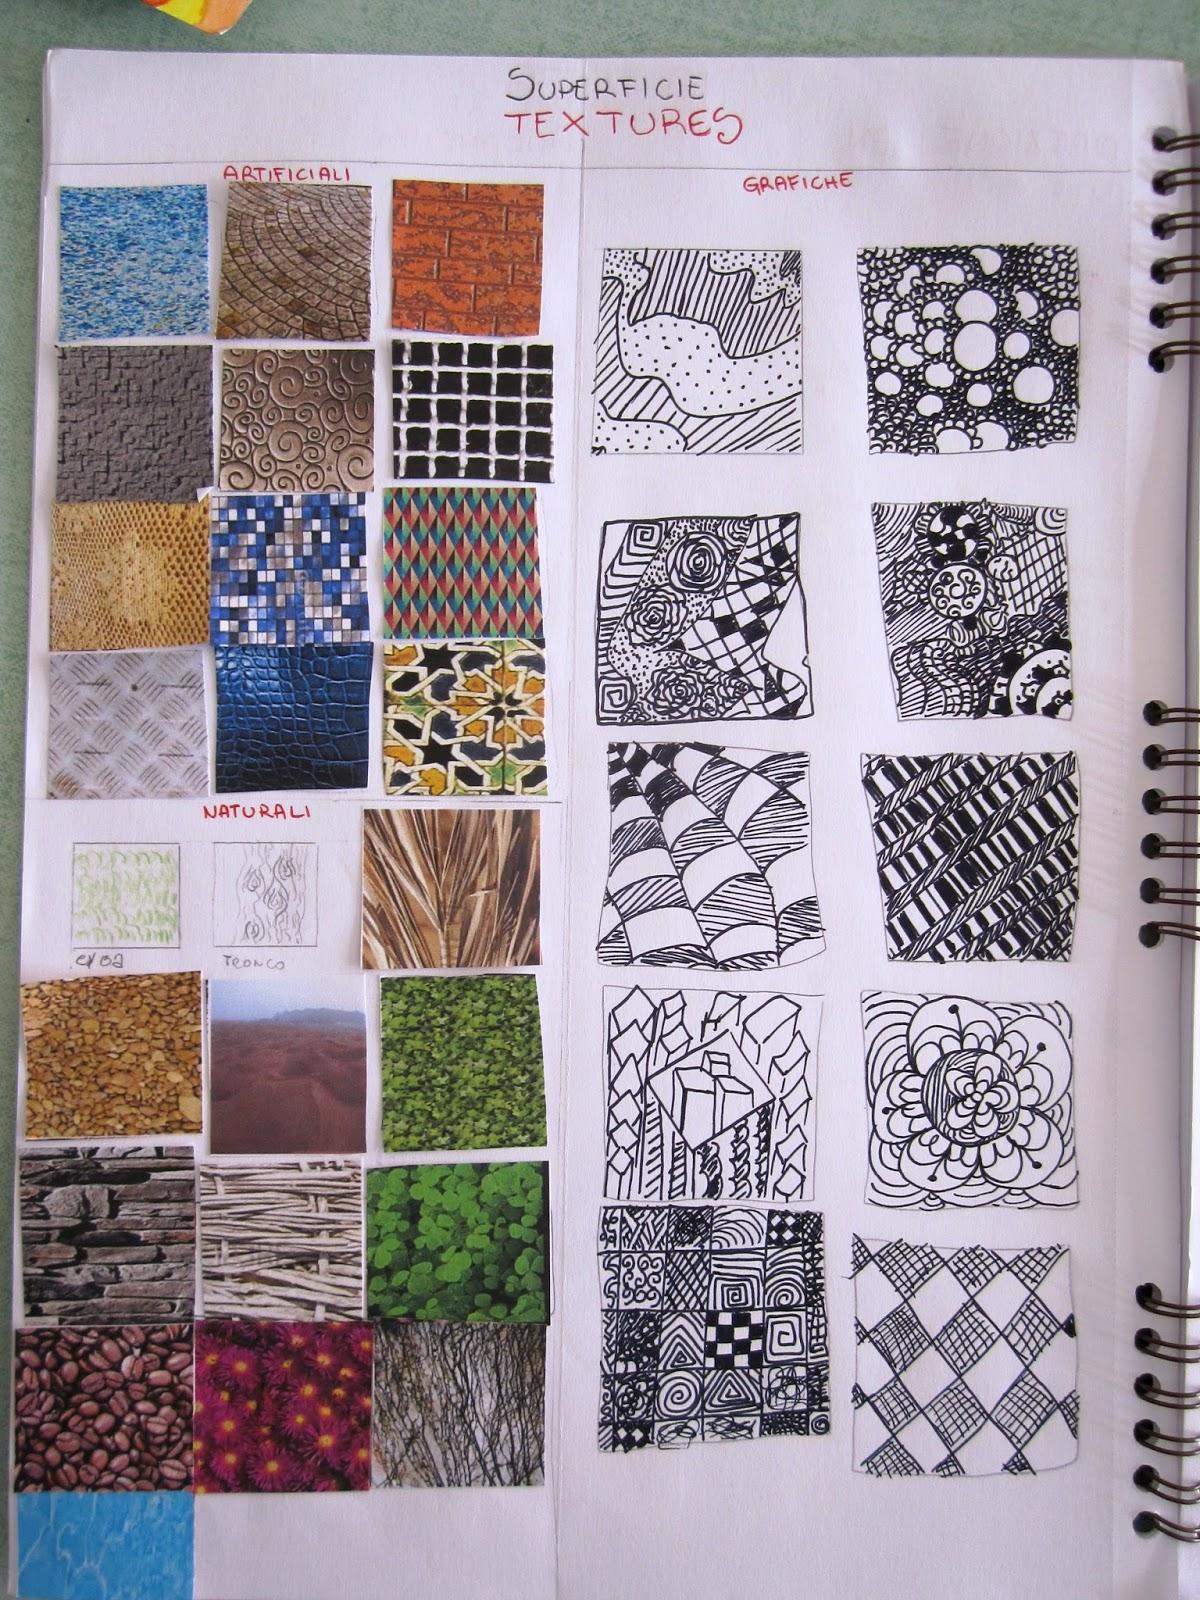 Amato immagin@rti: Textures exercise. Il quaderno di Arte. LR23